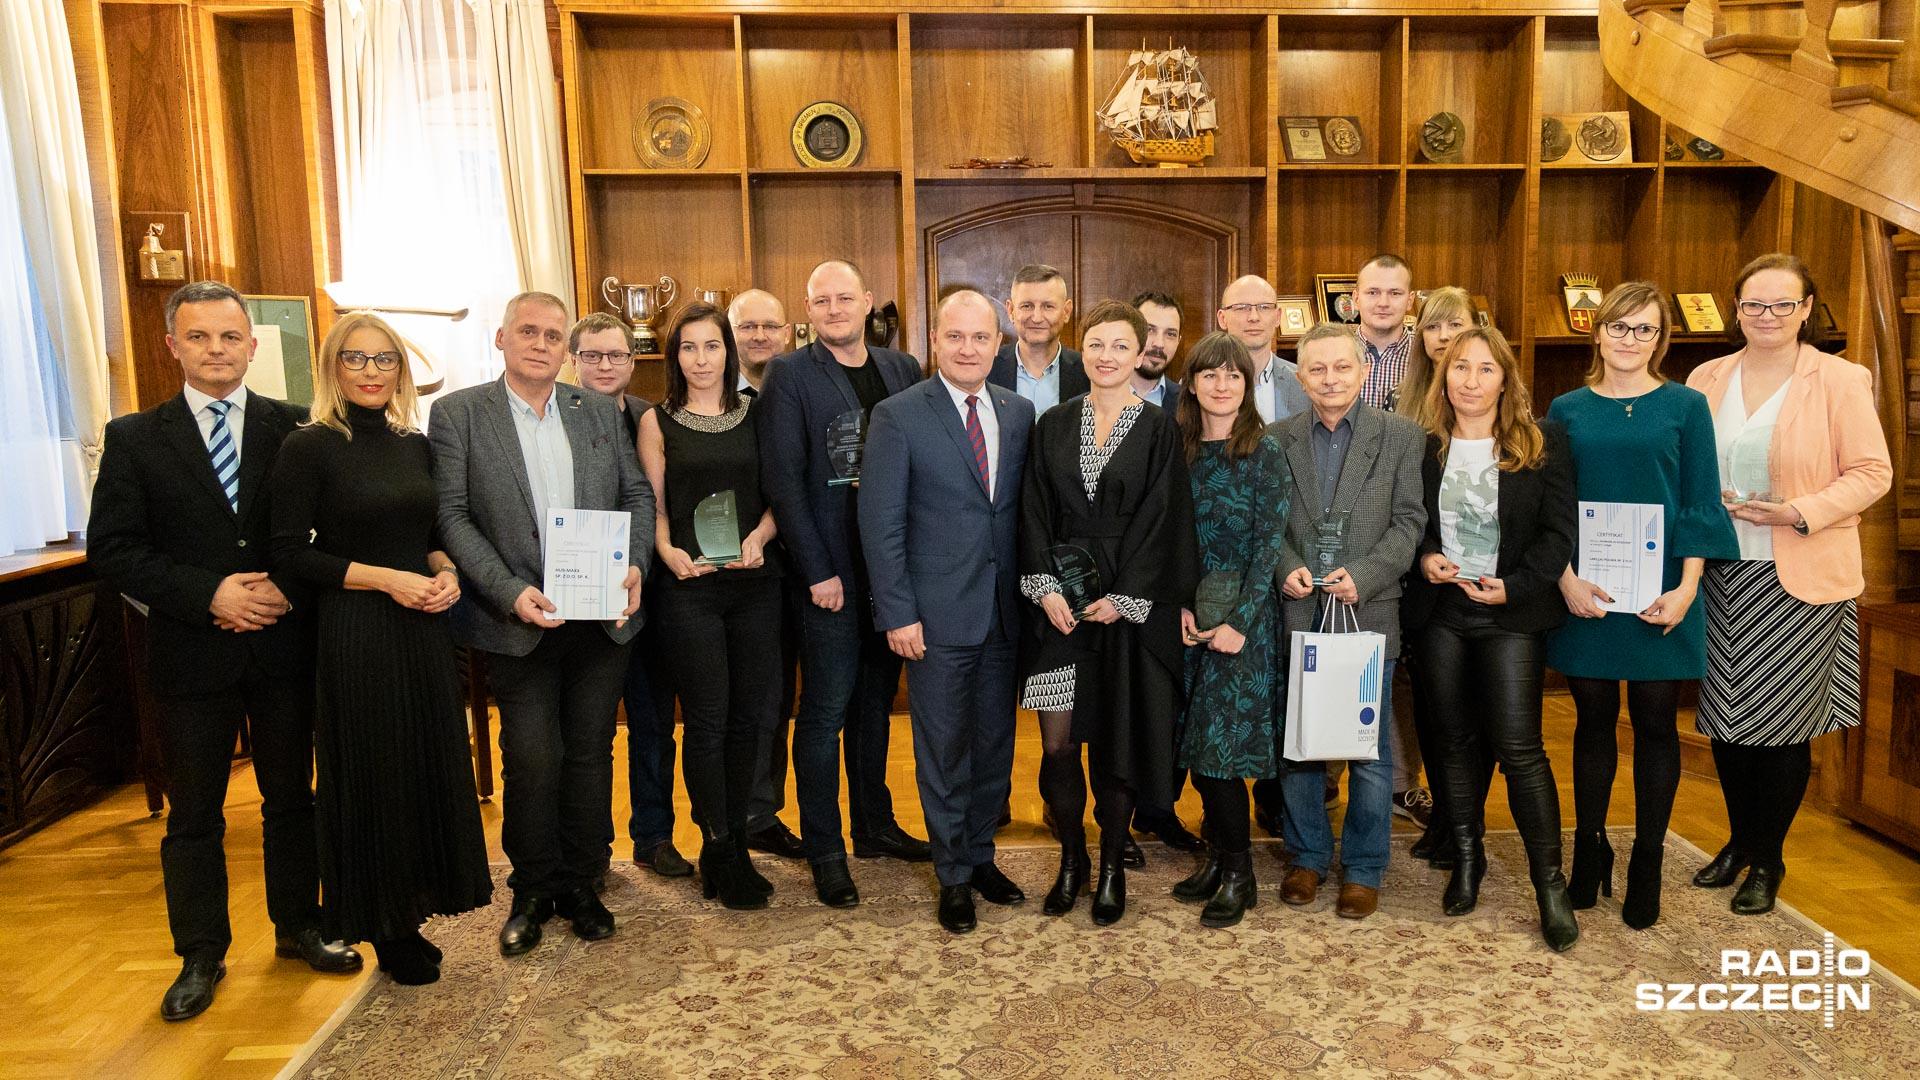 Firma Lars Laj otrzymała certyfikat marki